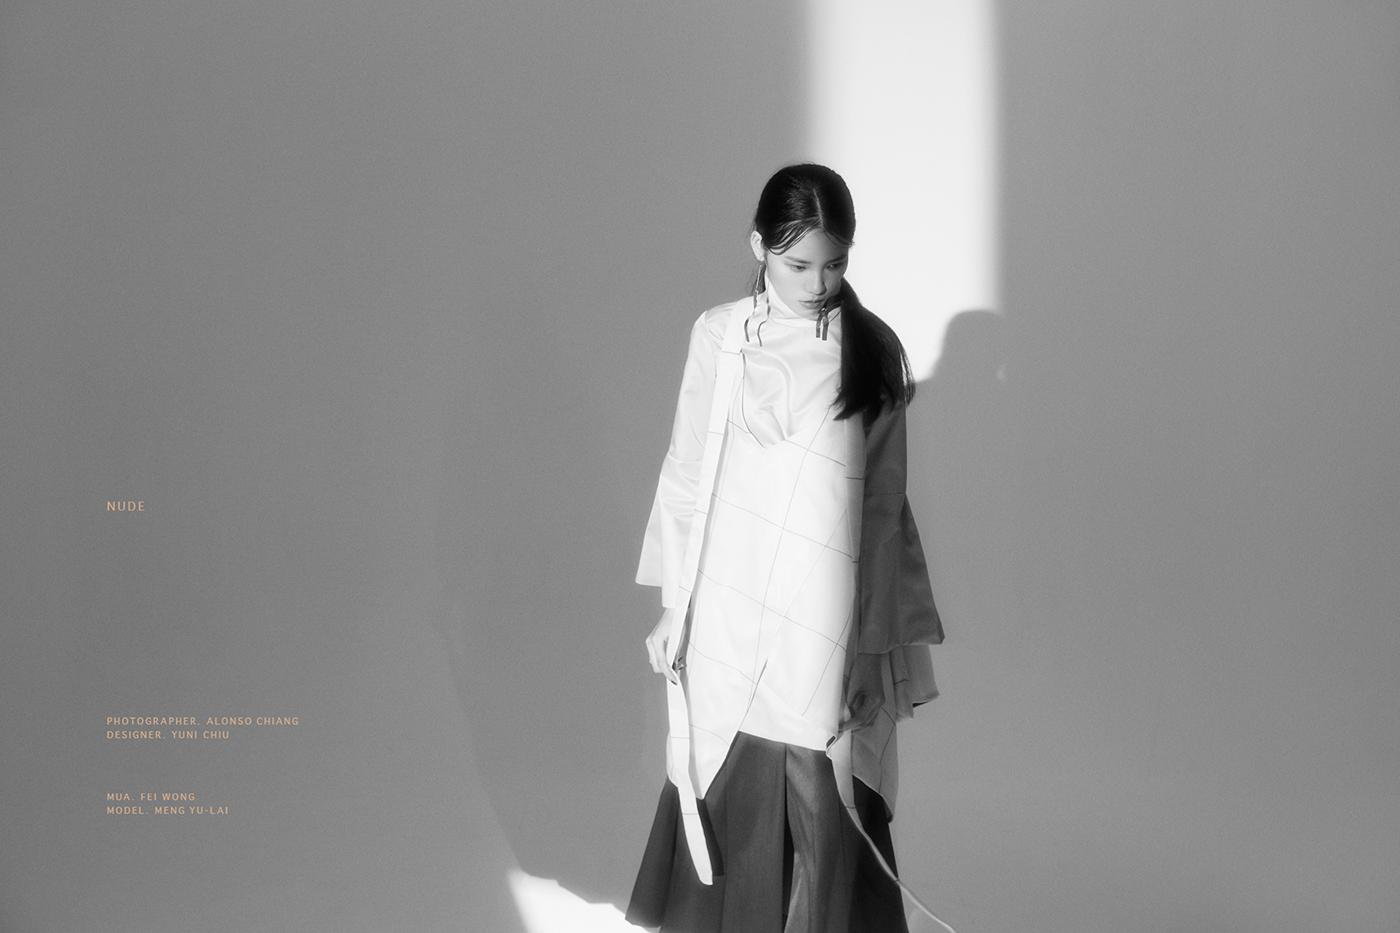 NUDE by Yuni Chiu on Behance